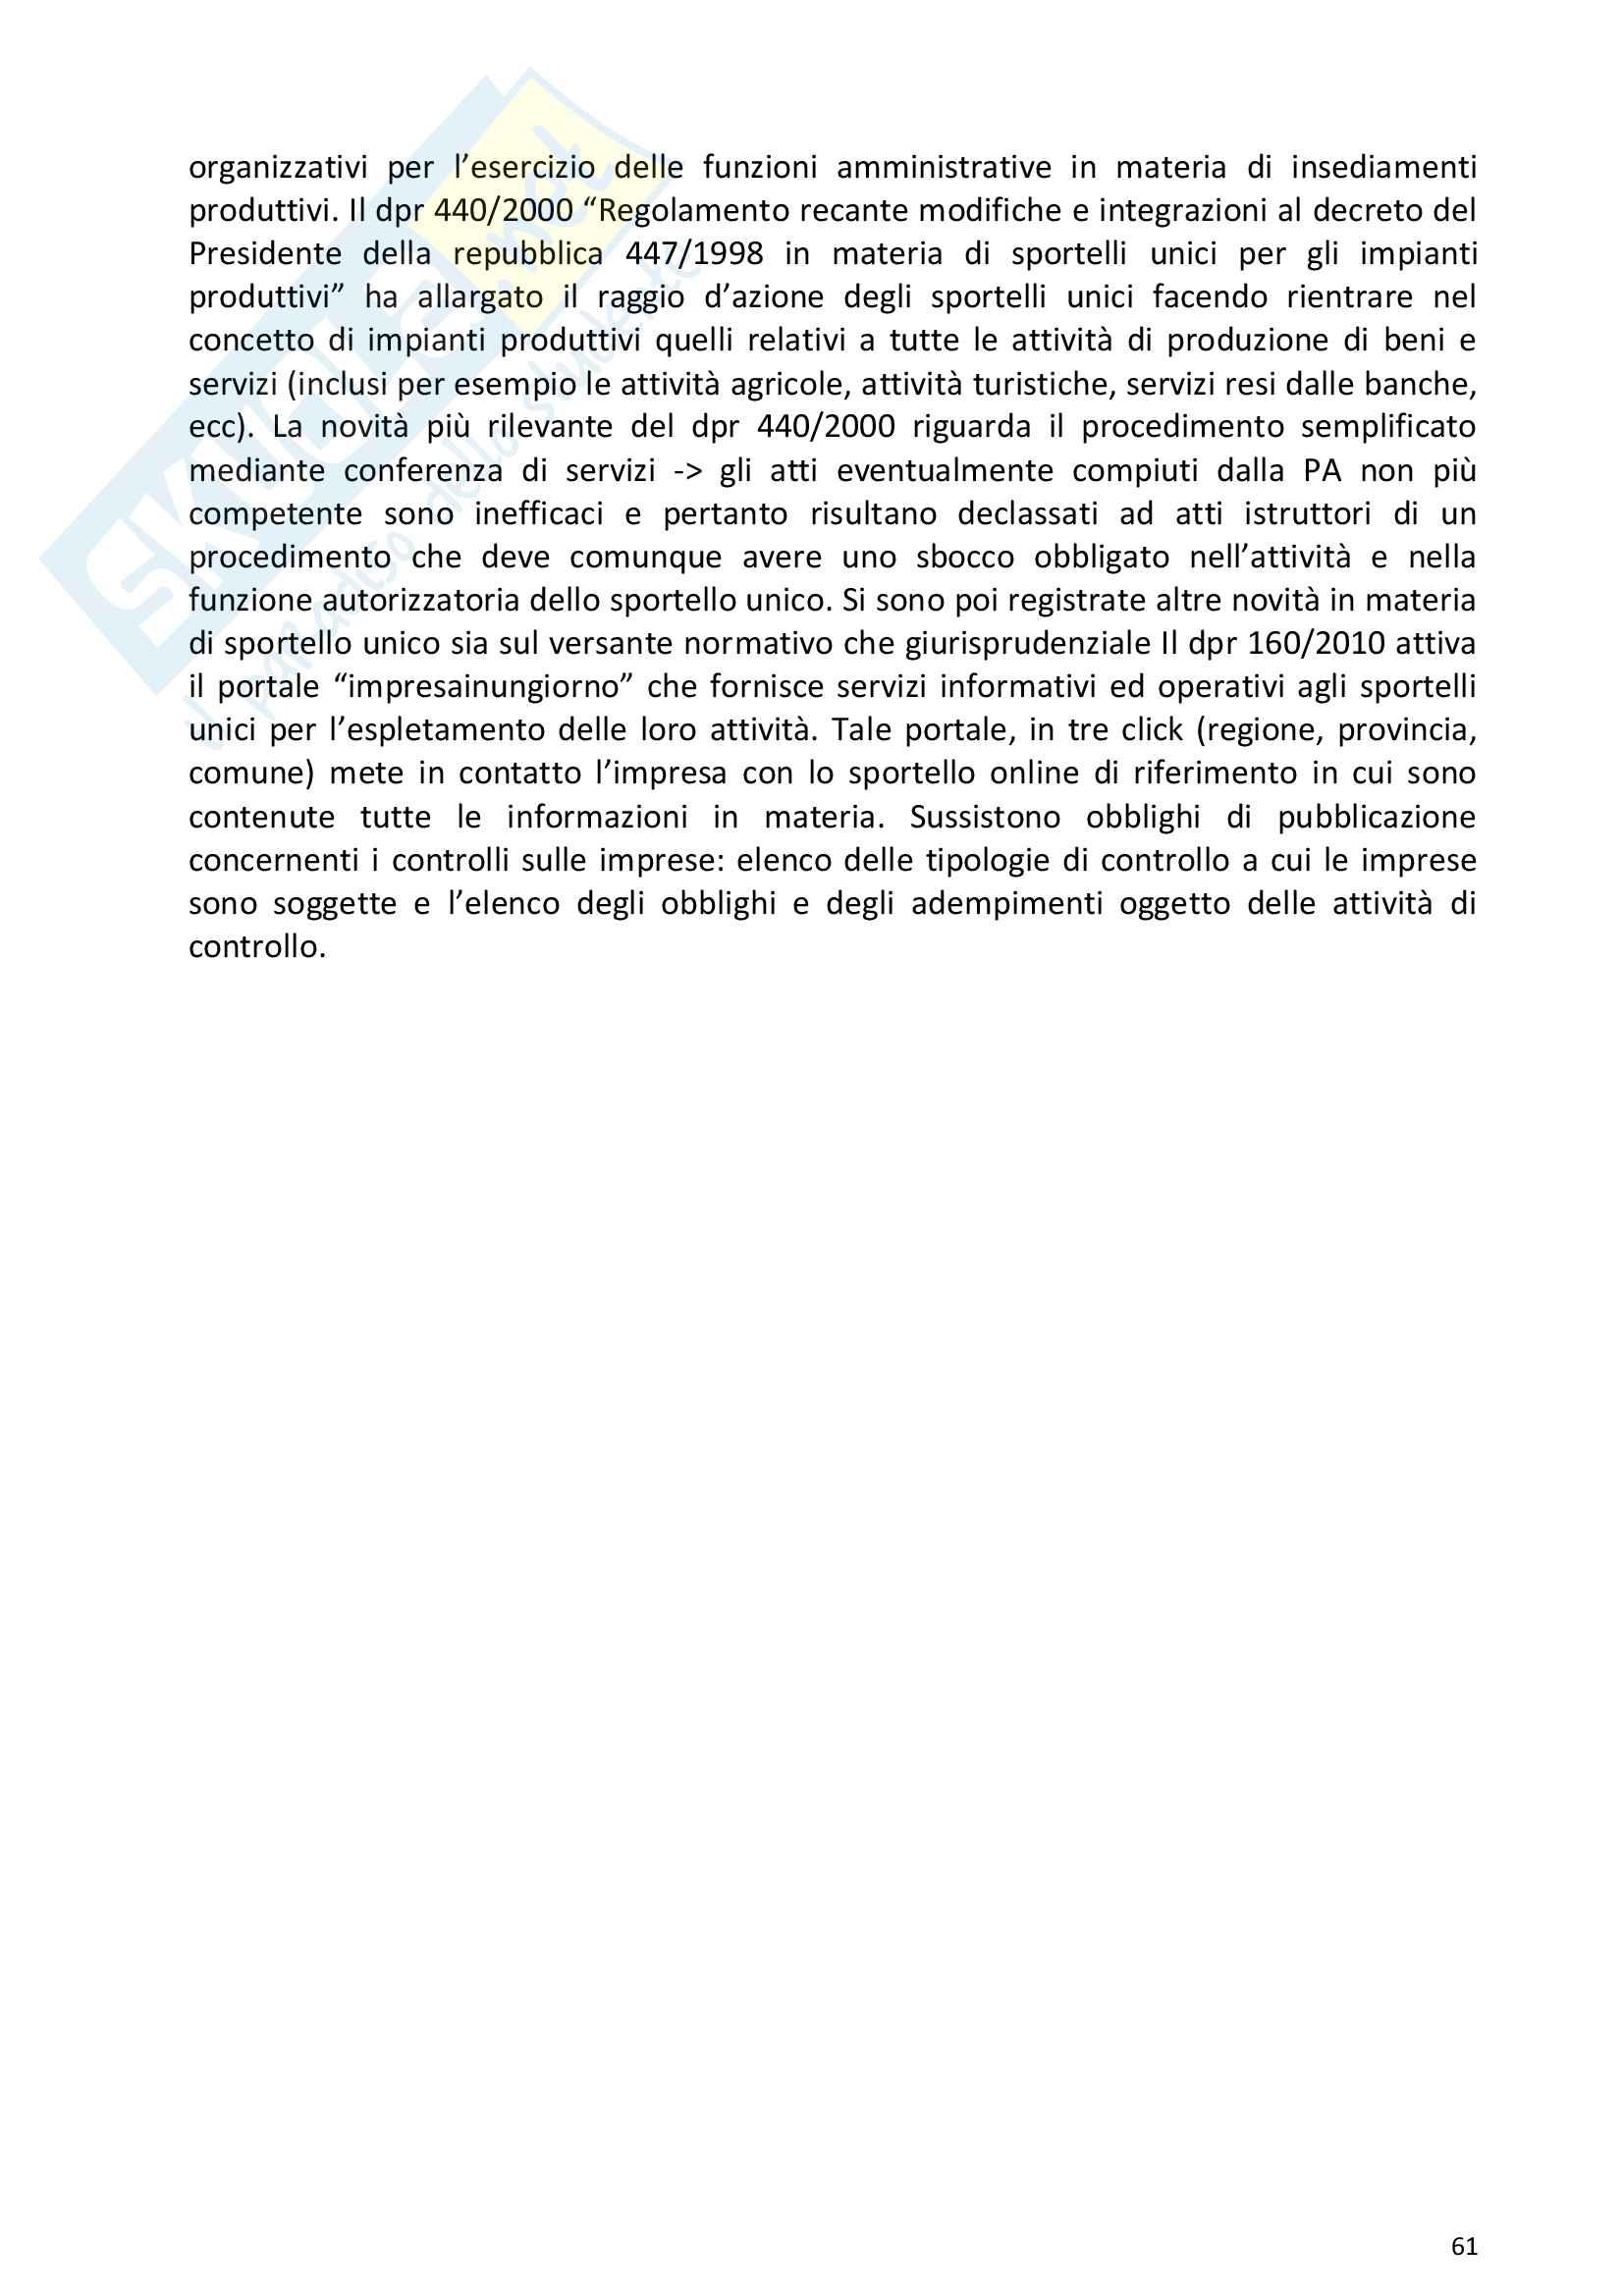 Riassunto esame Diritto della comunicazione per le imprese e i media, prof. Razzante. Libro consigliato Manuale di diritto dell'informazione e della comunicazione (Settima 7 edizione), Razzante (cap. 1,3,5,6,7,8,9) Pag. 61